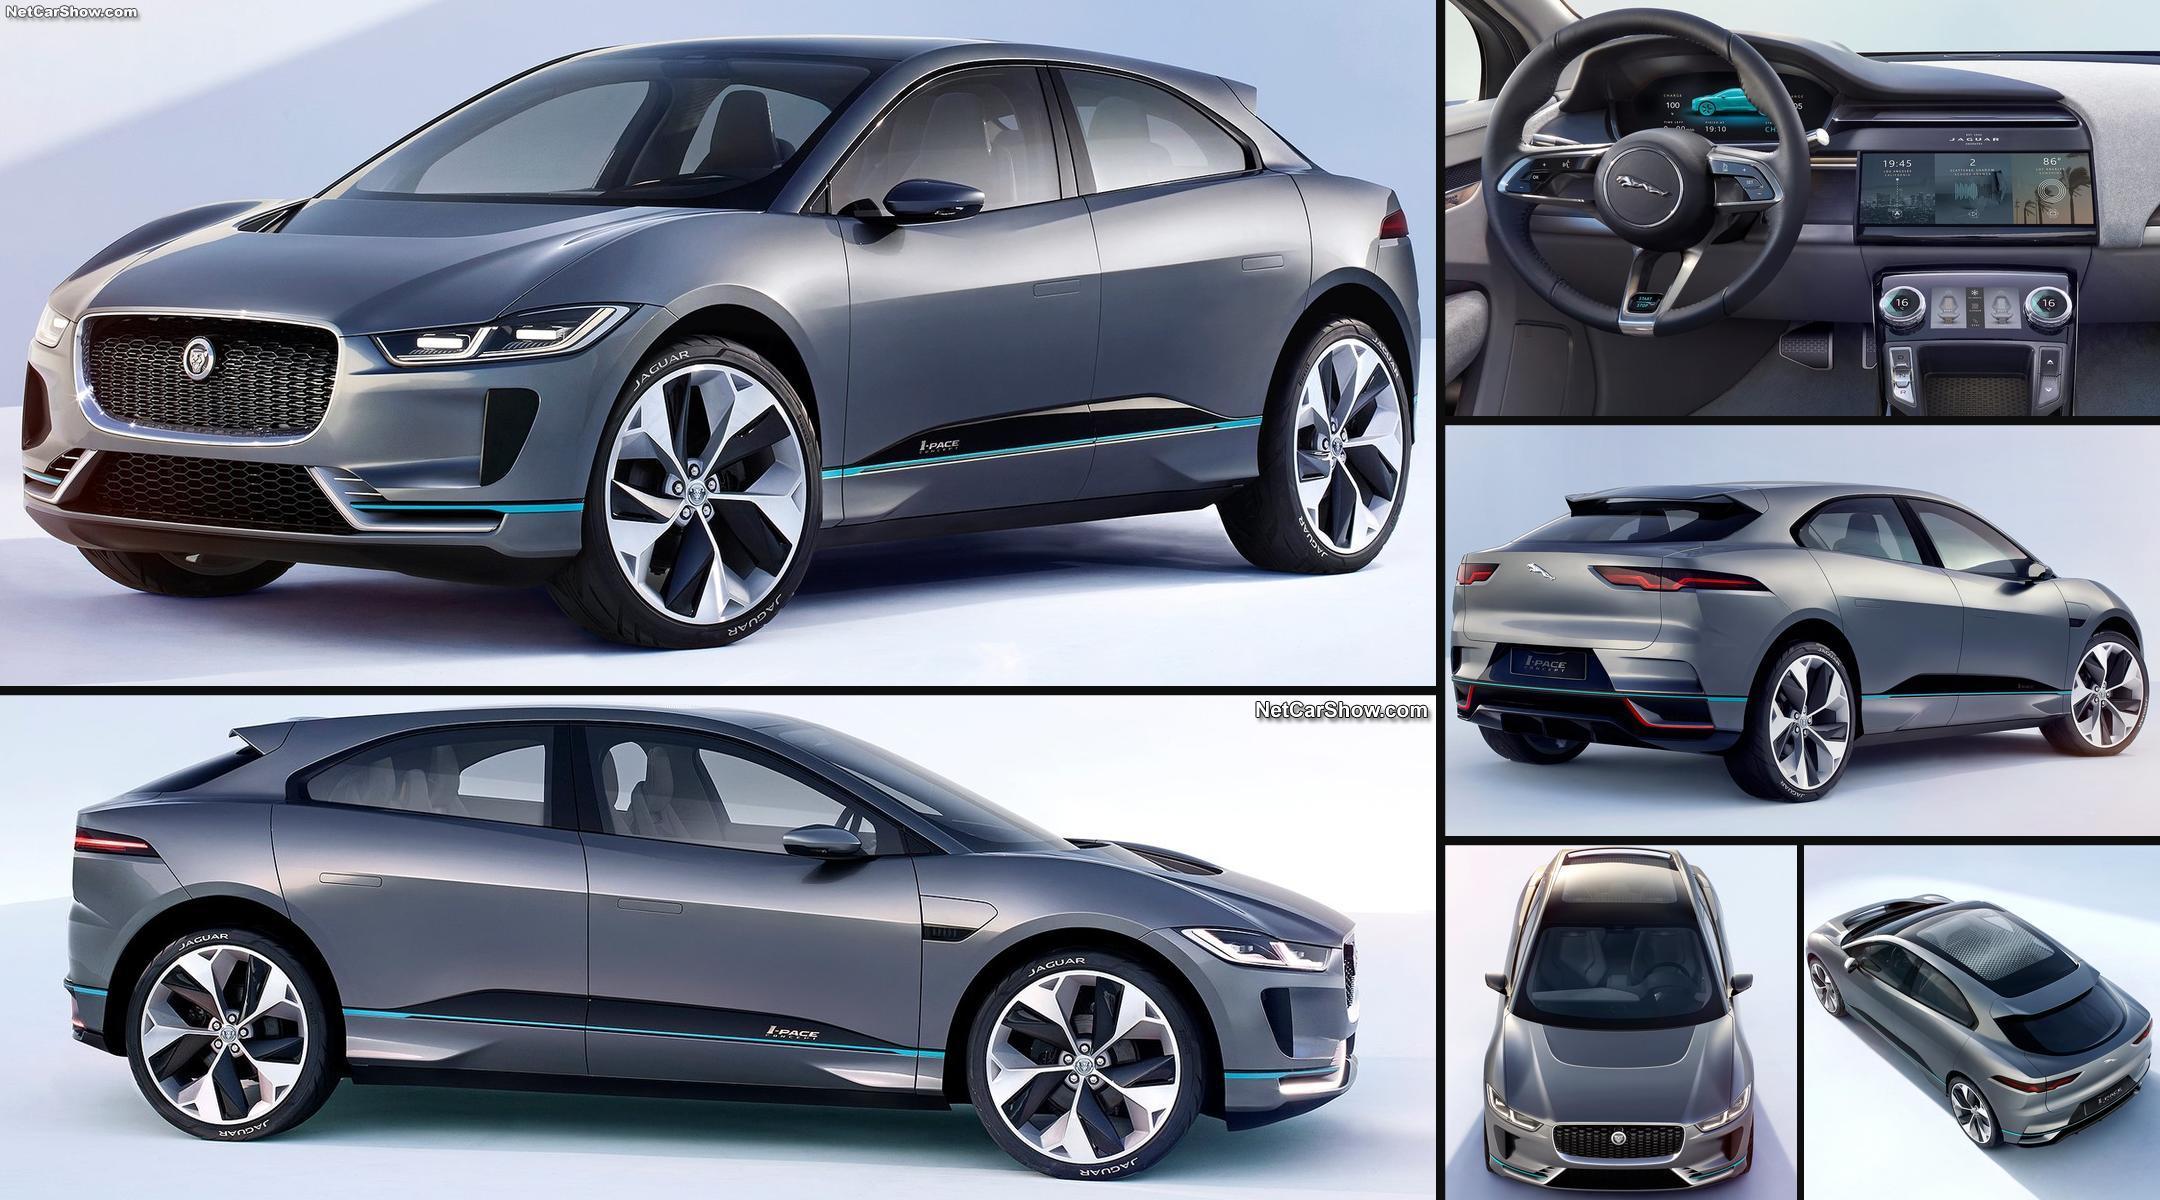 Prestaciones eléctricas y desarrollo tecnológico para el Jaguar I-PACE más eléctrico de la marca.